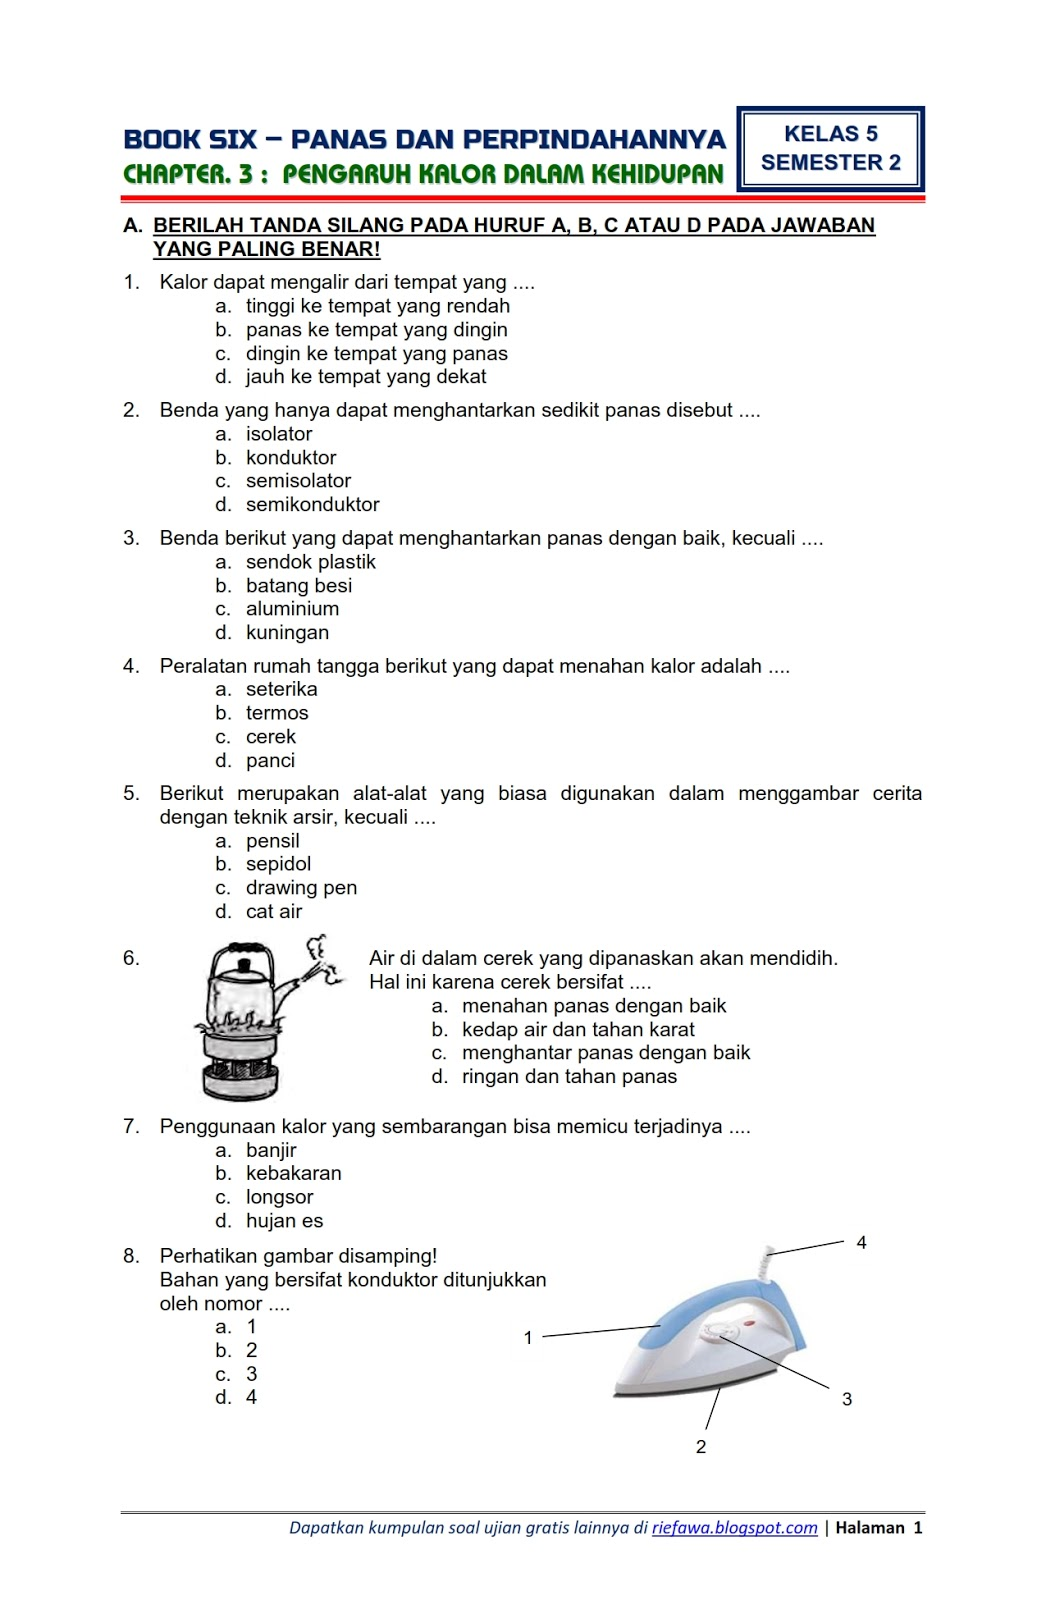 Soal PTS / UTS Tema 6 Kelas 5 Semester 2 K13 T.A 2019/2020